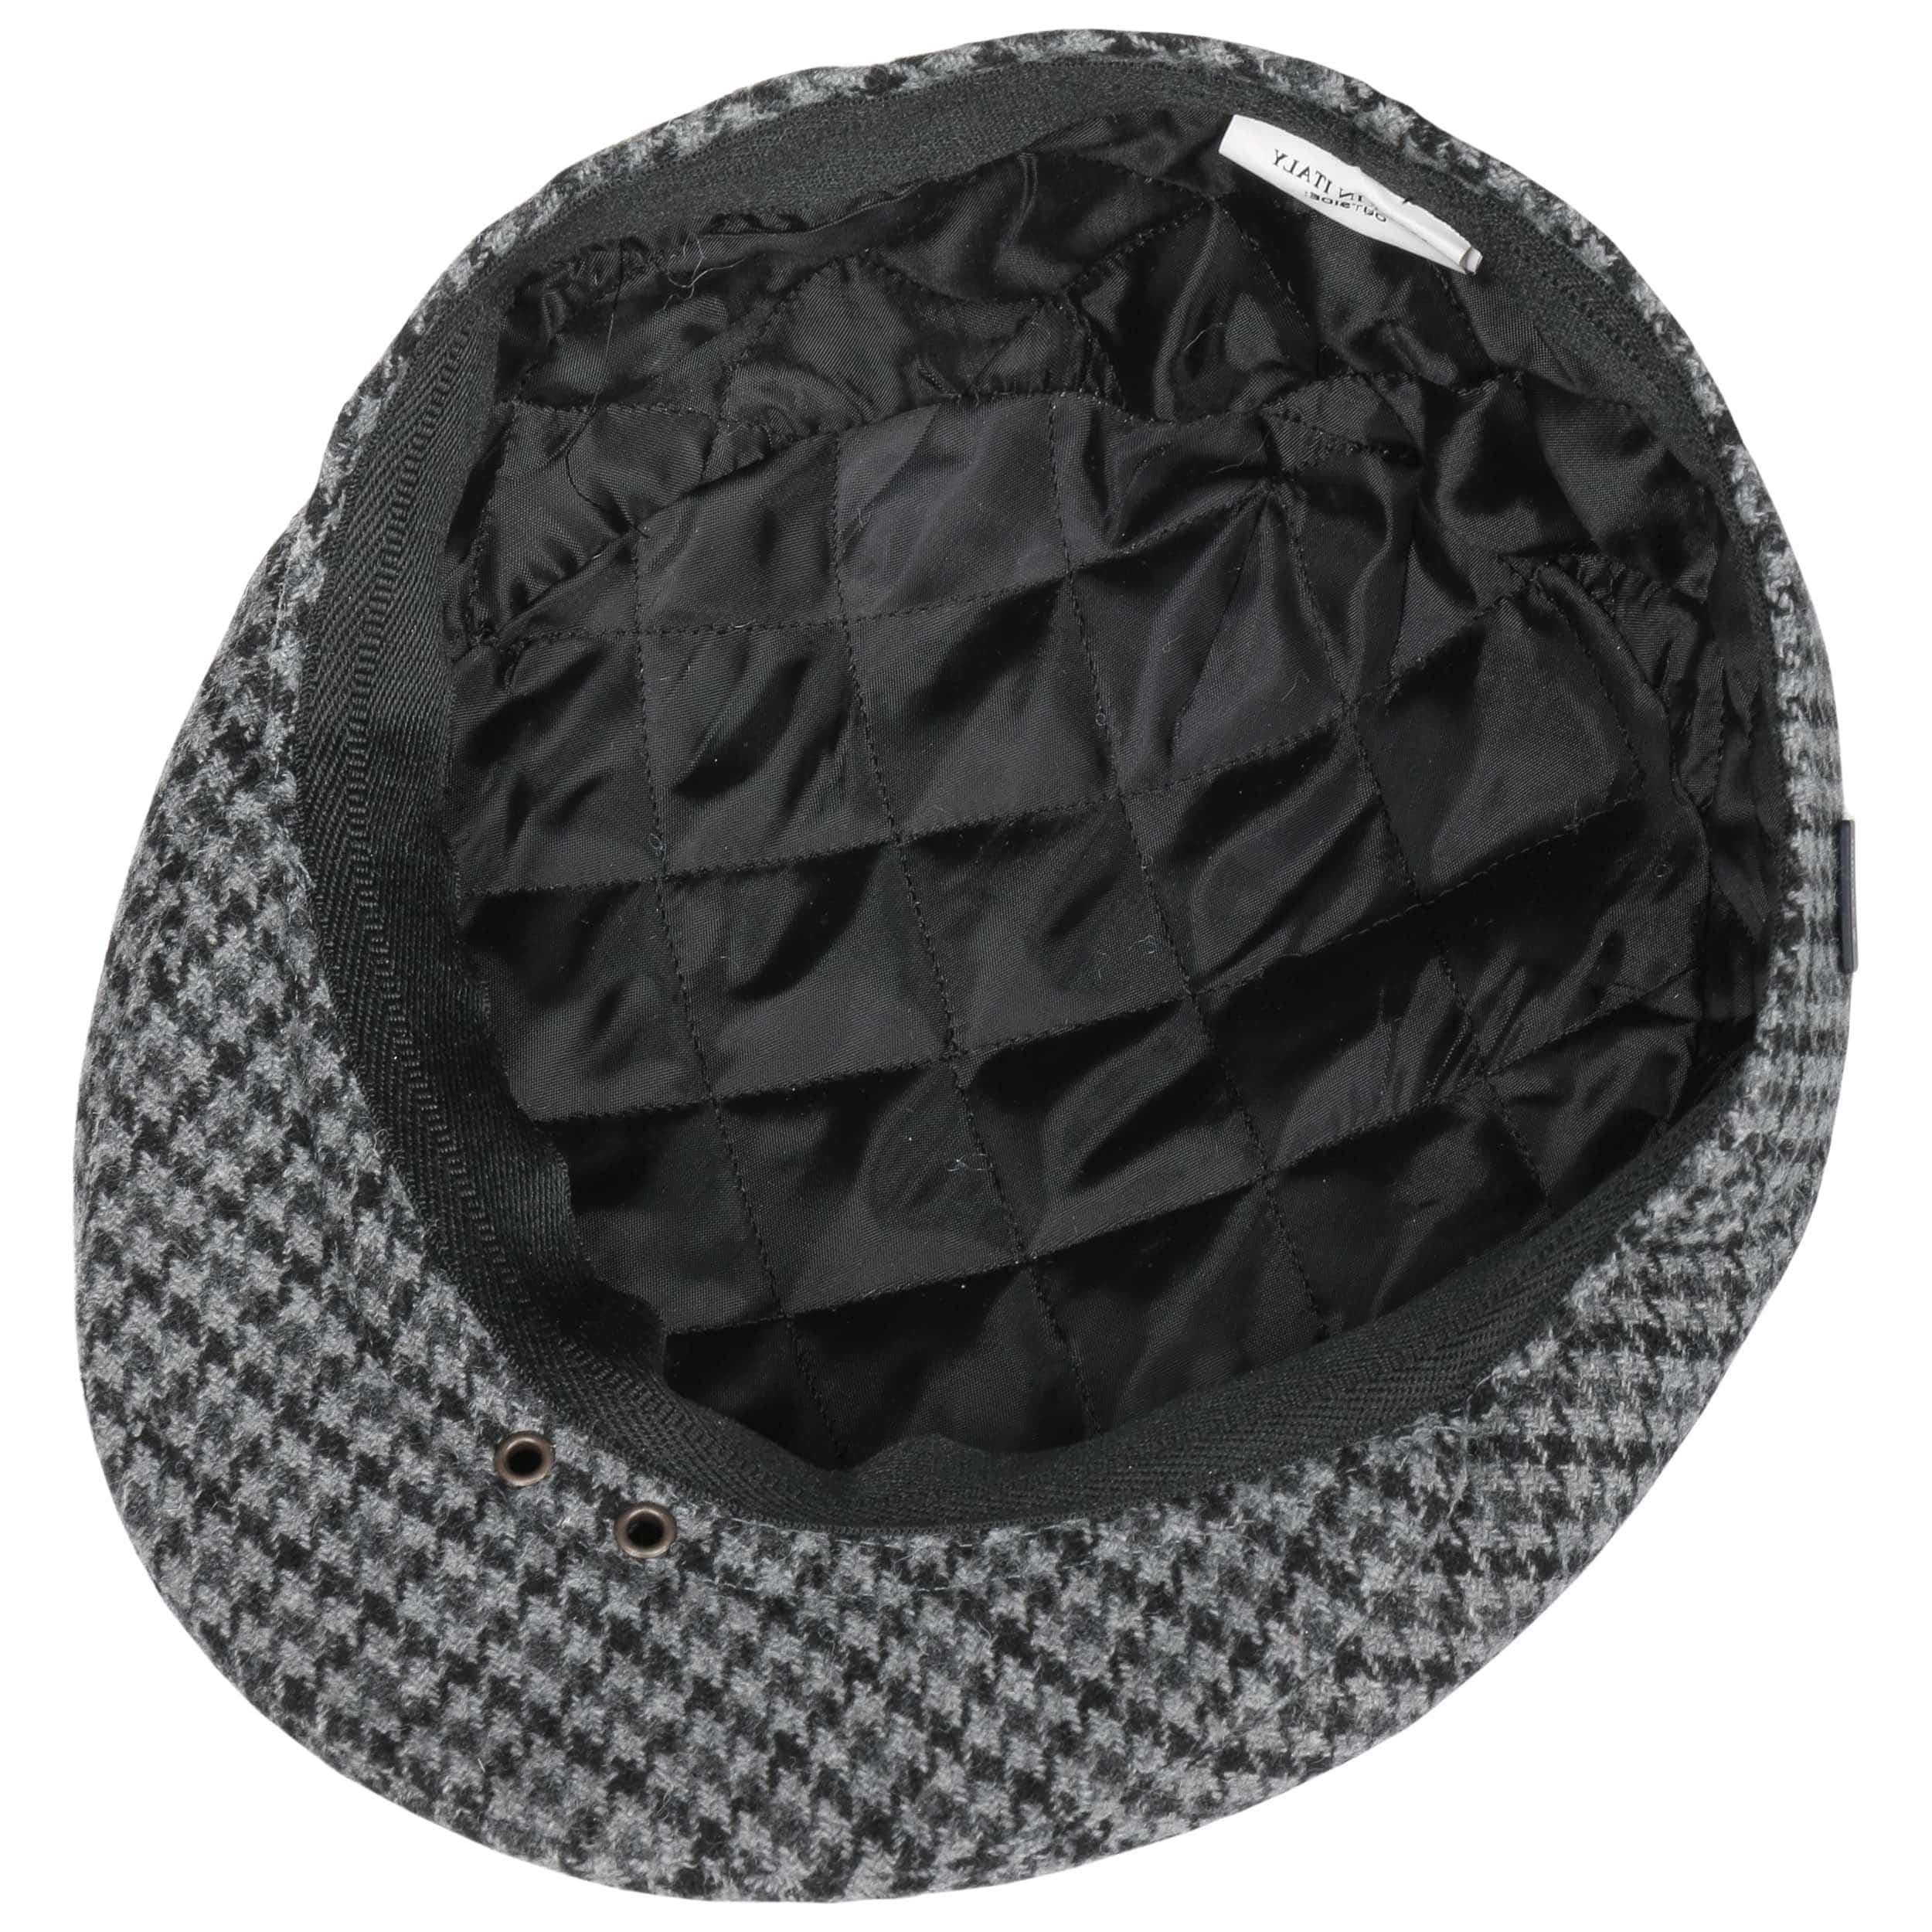 ... Coppola Inglese Classic Herringbone by Lipodo - grigio-nero 2 ... 36533cdf993e